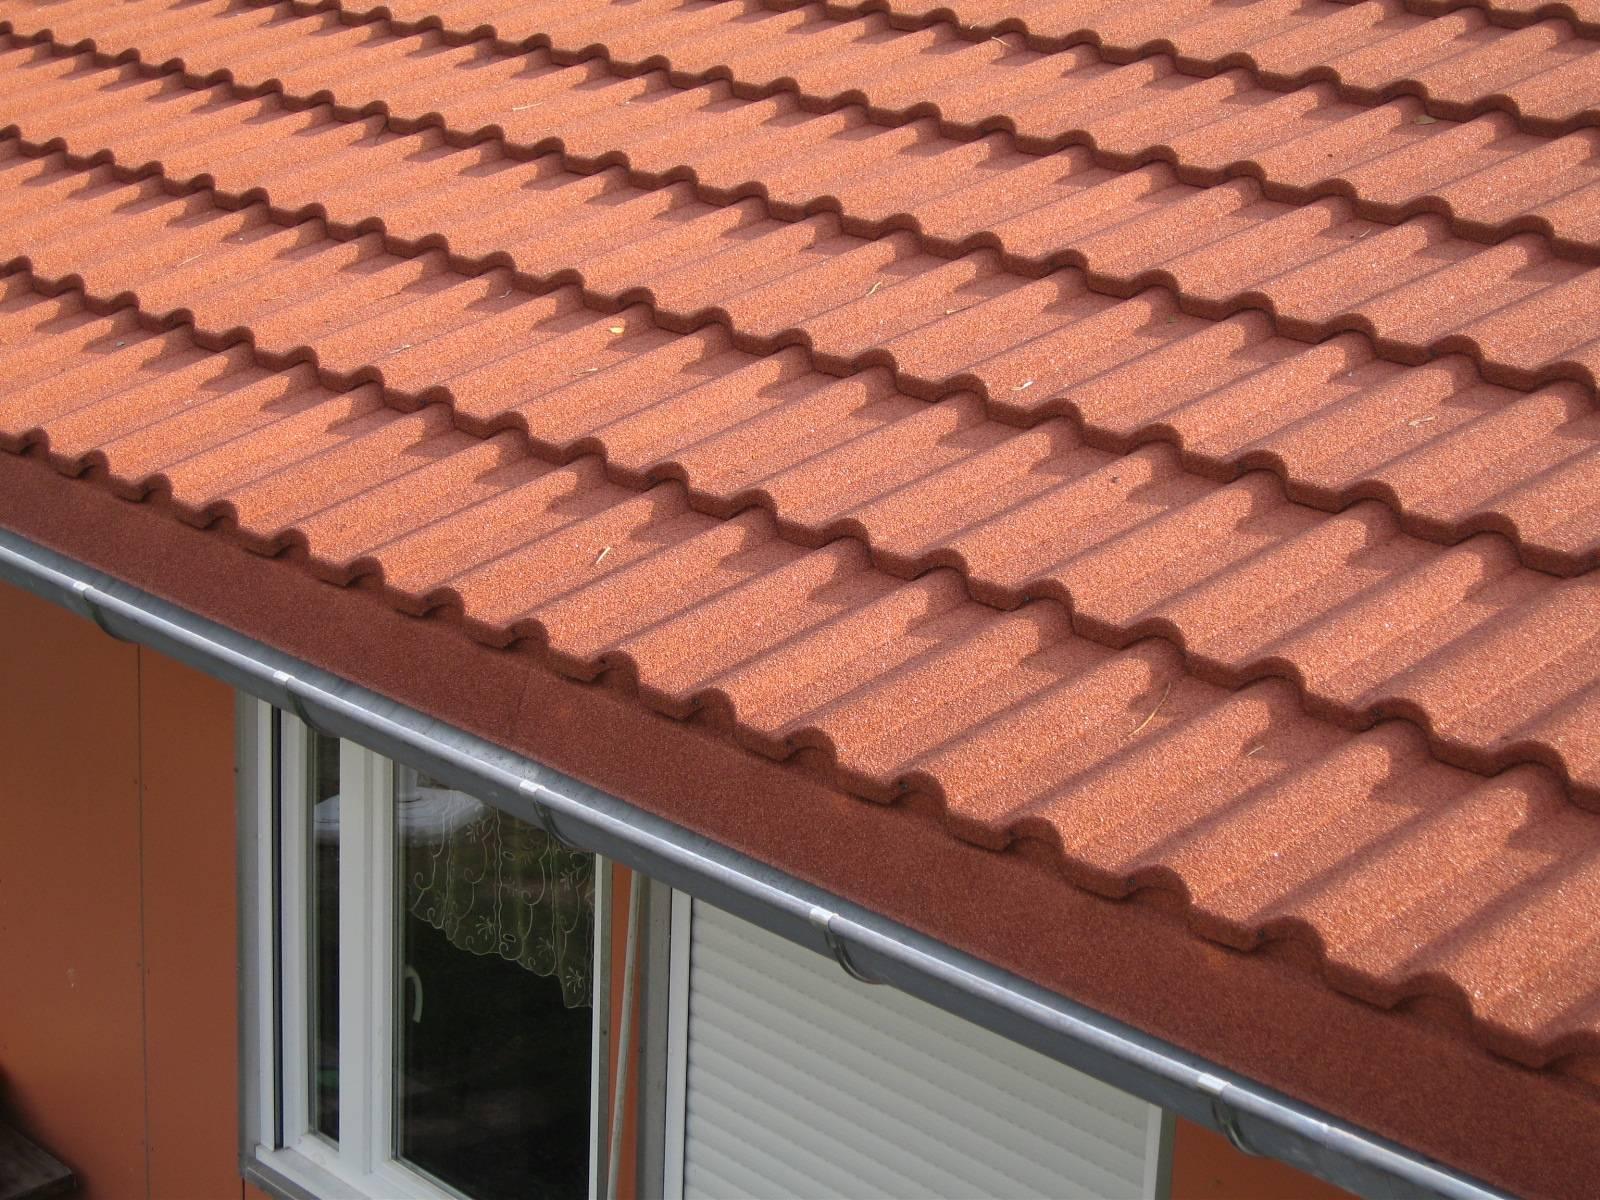 Tuiles Pour Toiture Legere Fabrication Livraison De Tuiles Lyon Materiaux Renovation Toiture Ahi Roofing